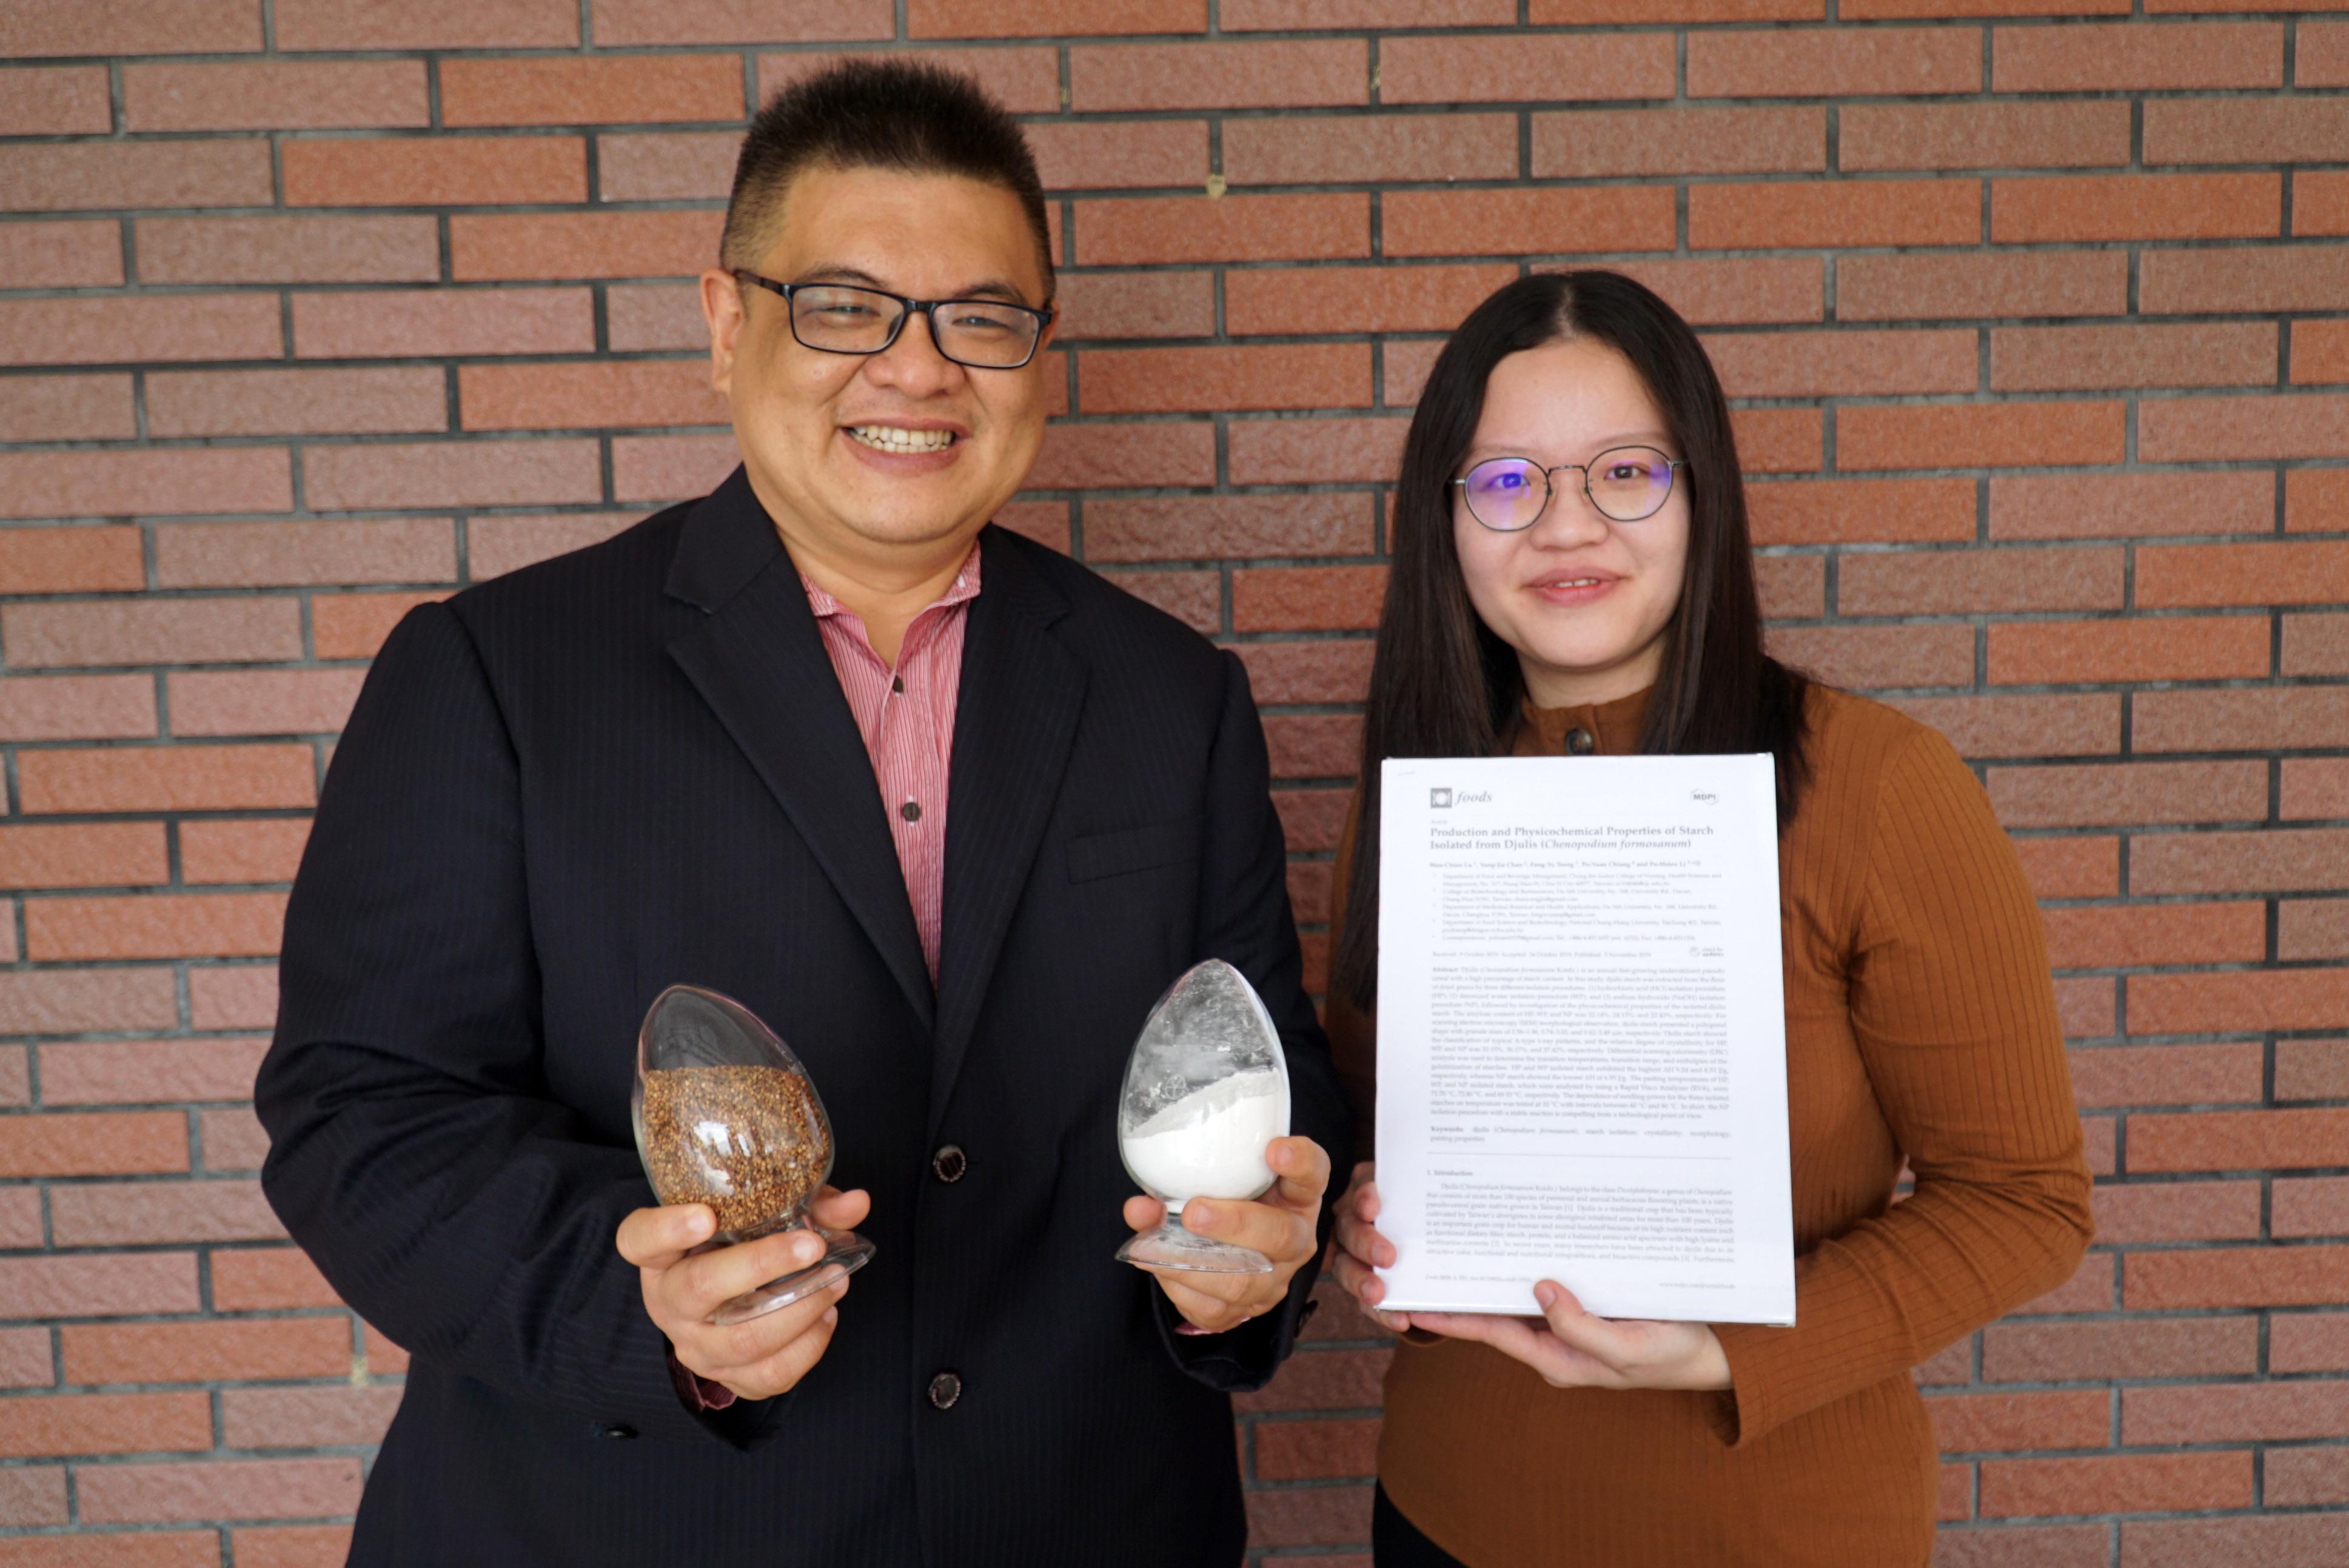 臺灣藜澱粉物化特性  大葉大學相關成果發表至國際期刊-Foods